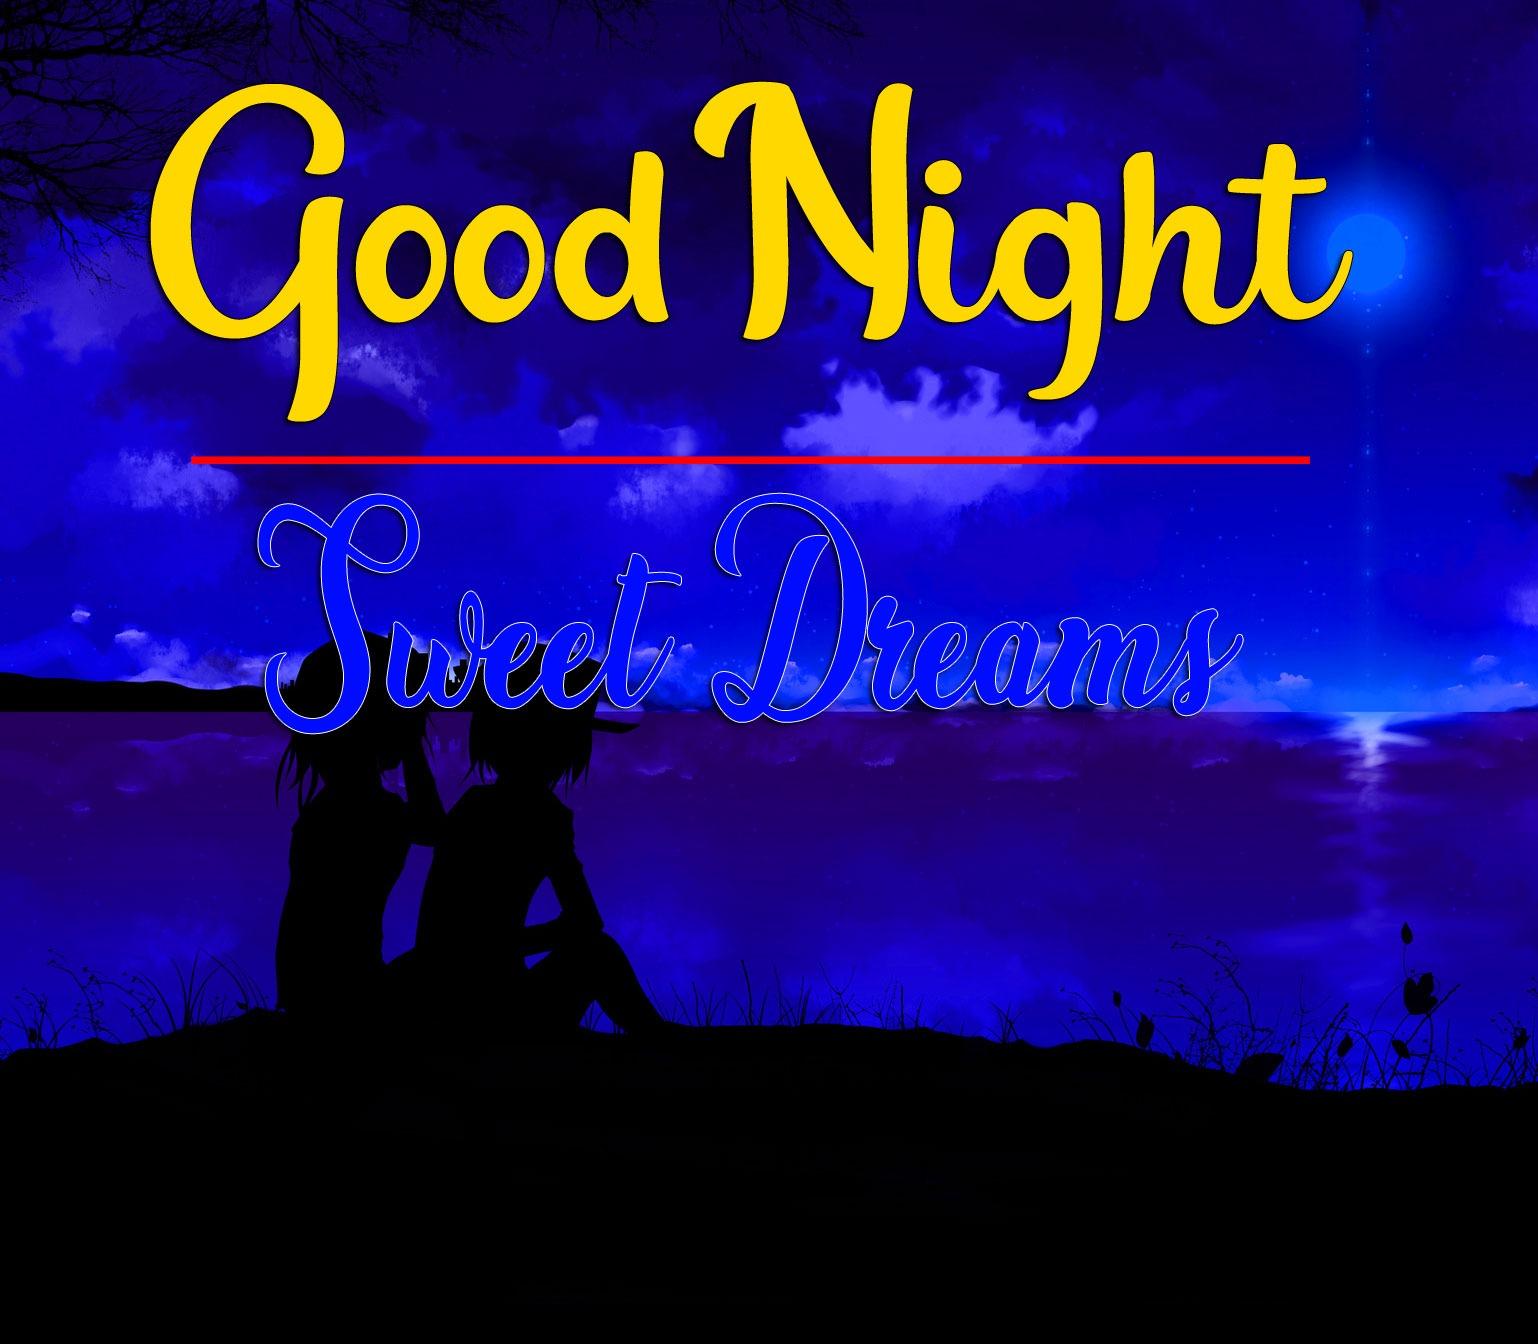 HD Good Night Pics New Download